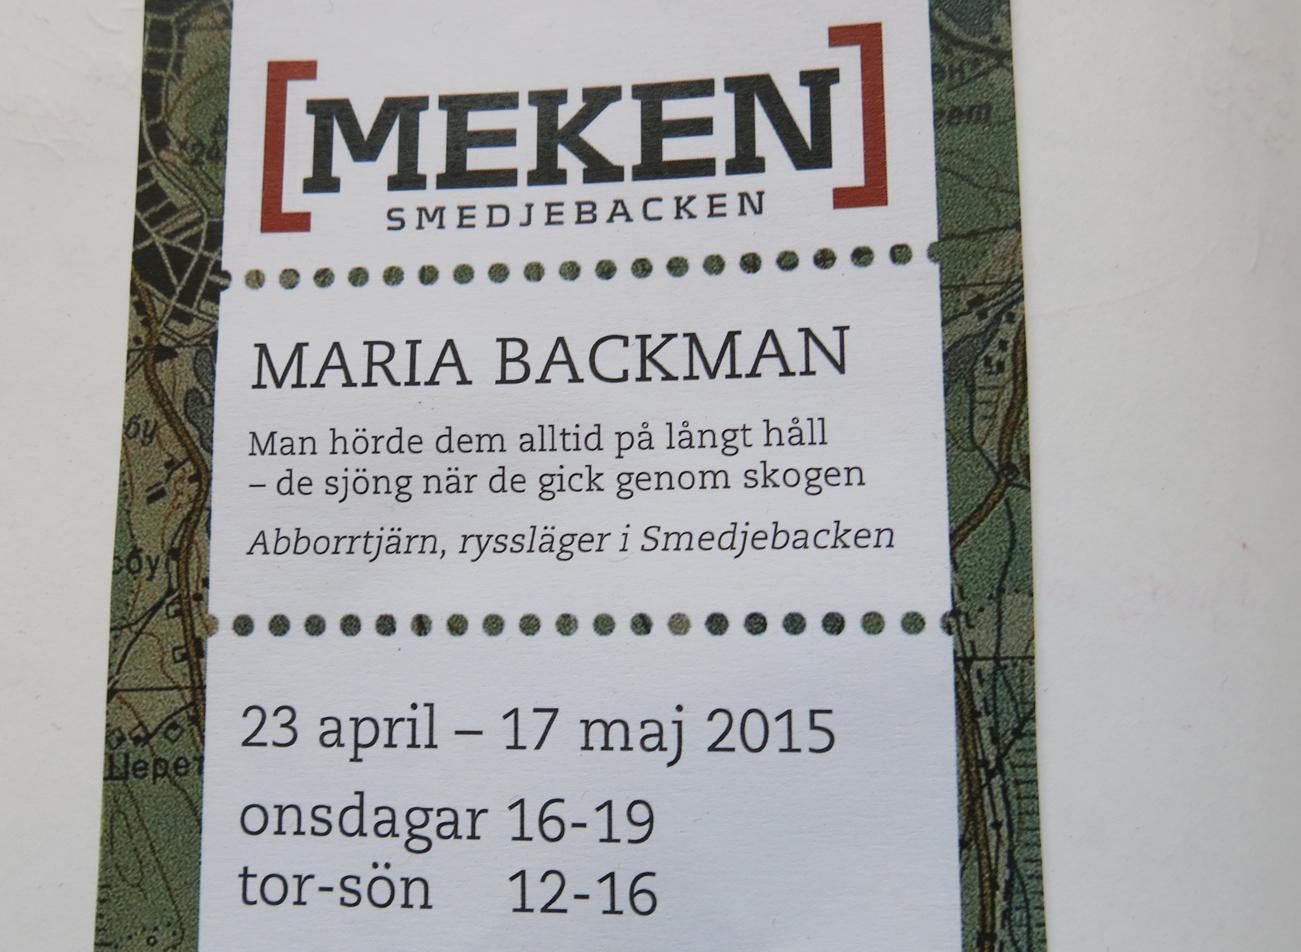 MAria Backmans utställning i MEKEN